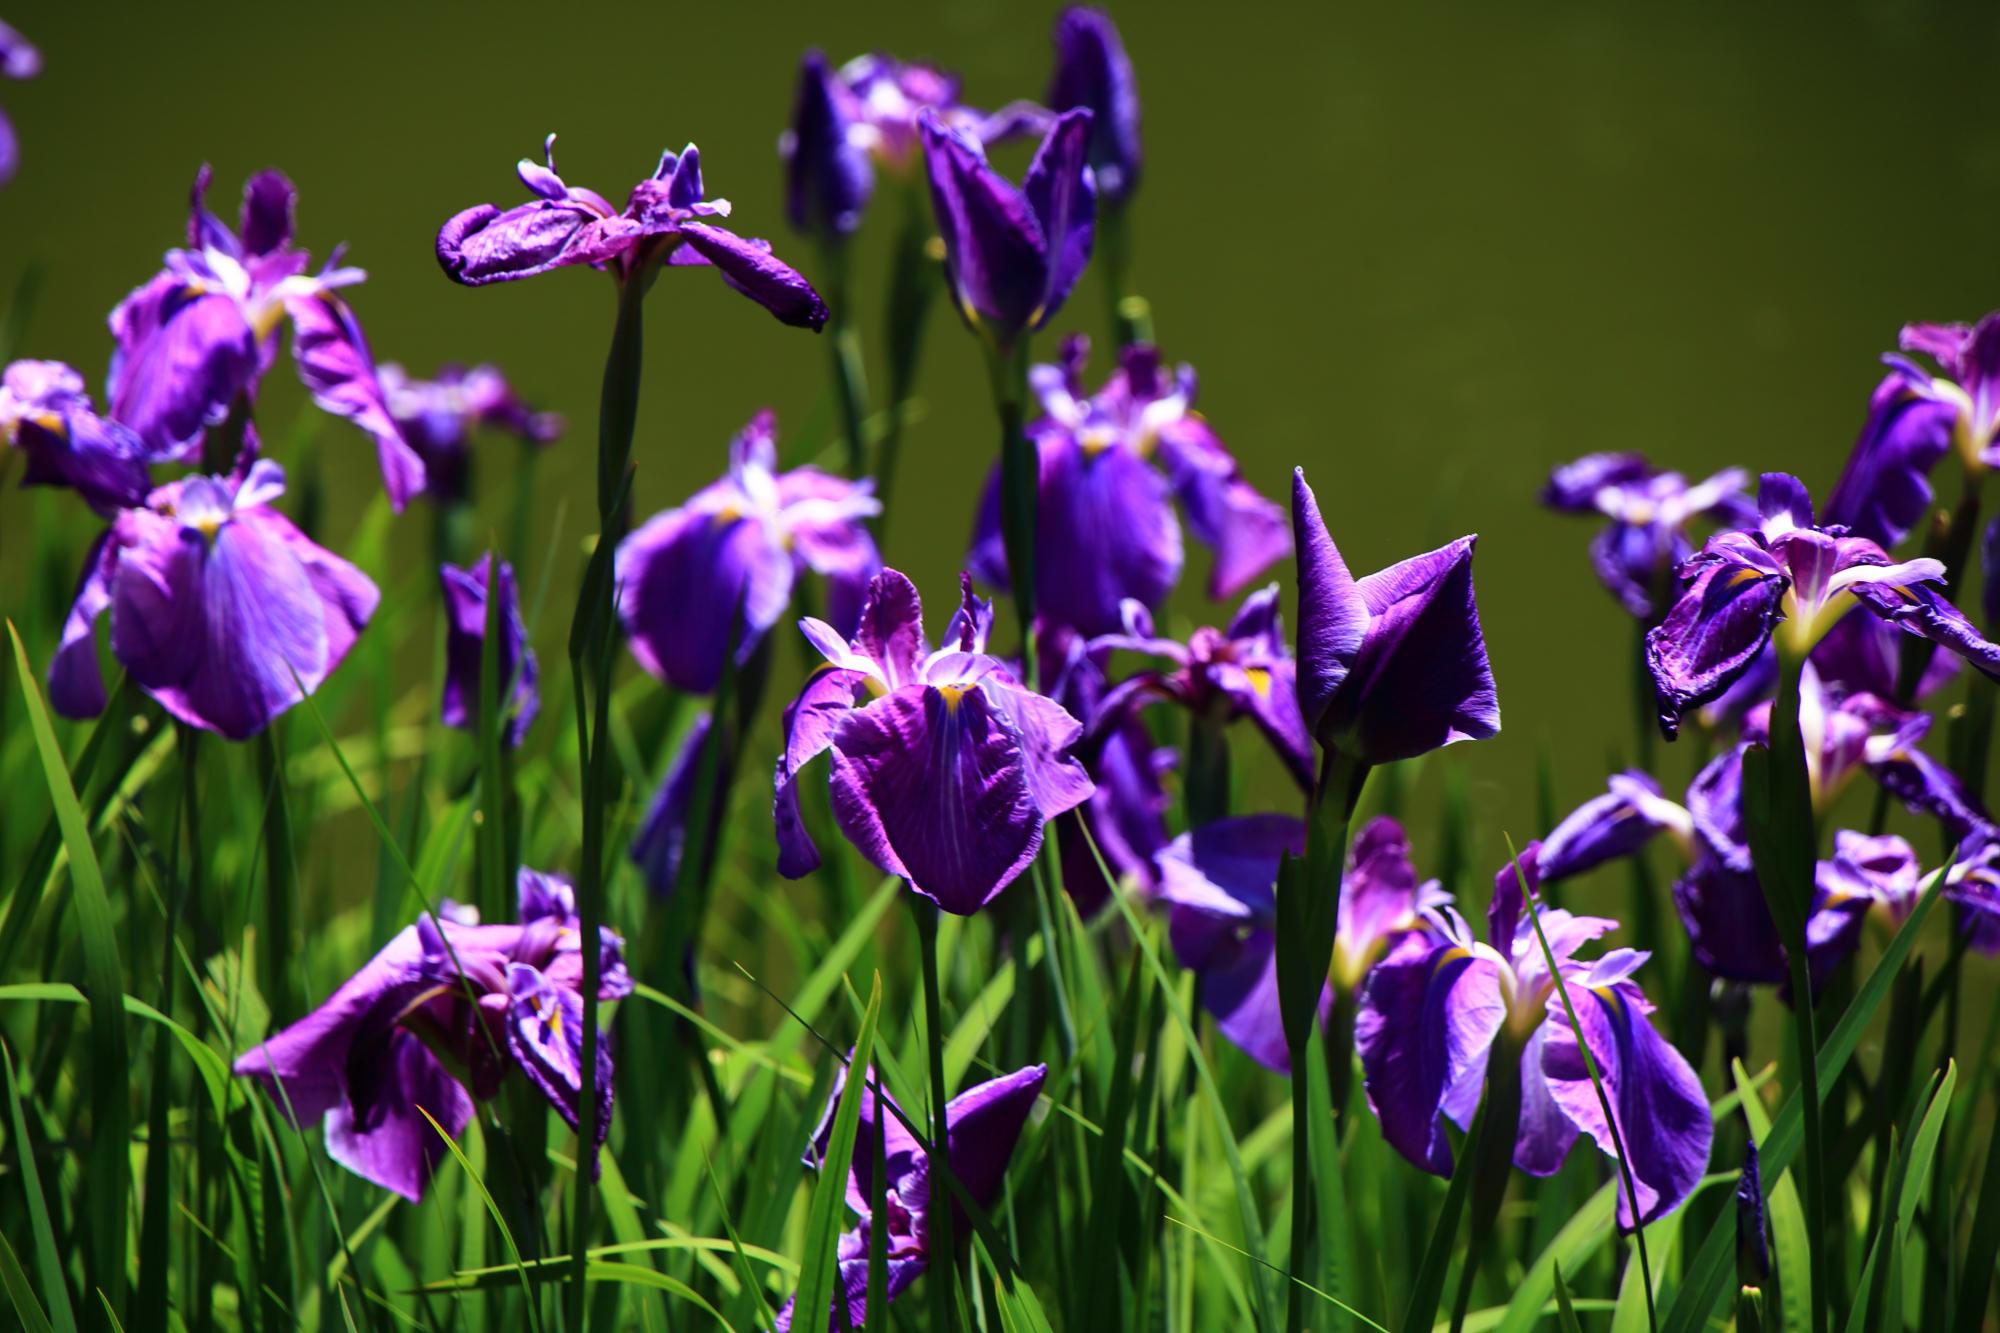 梅宮大社の煌く艶やかな紫の花菖蒲